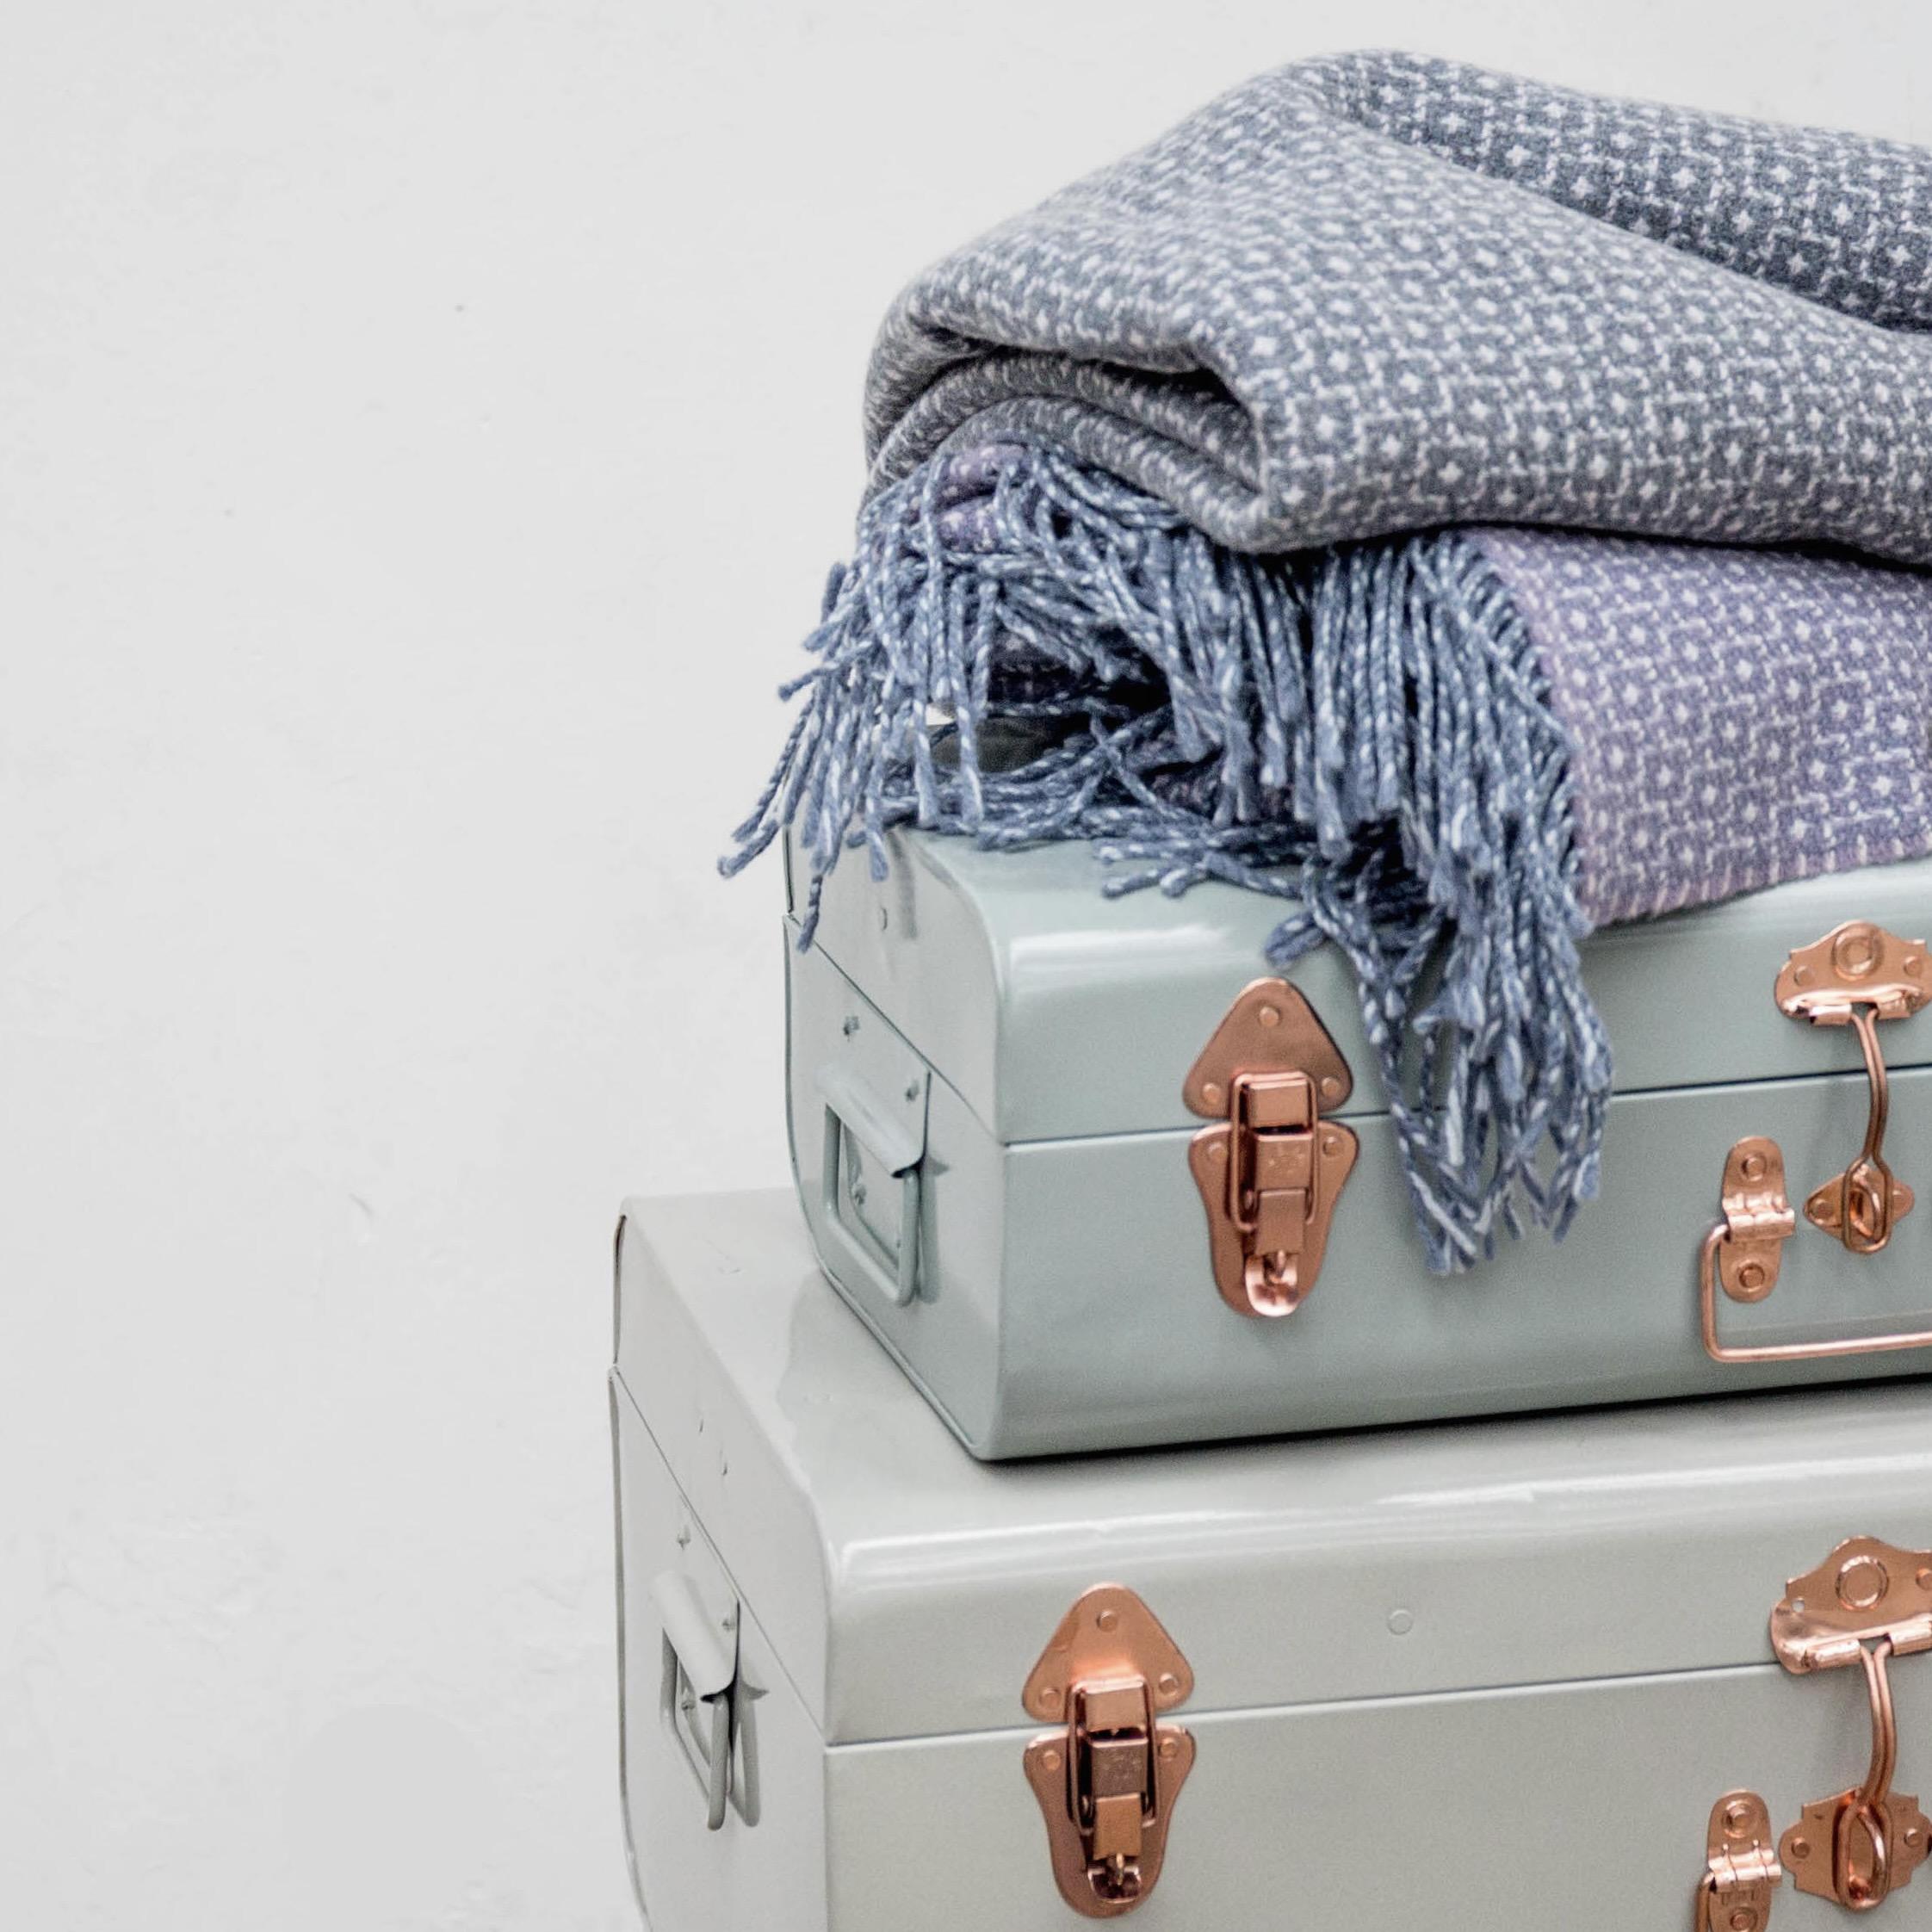 Heirloom Blanket by Warped Textiles